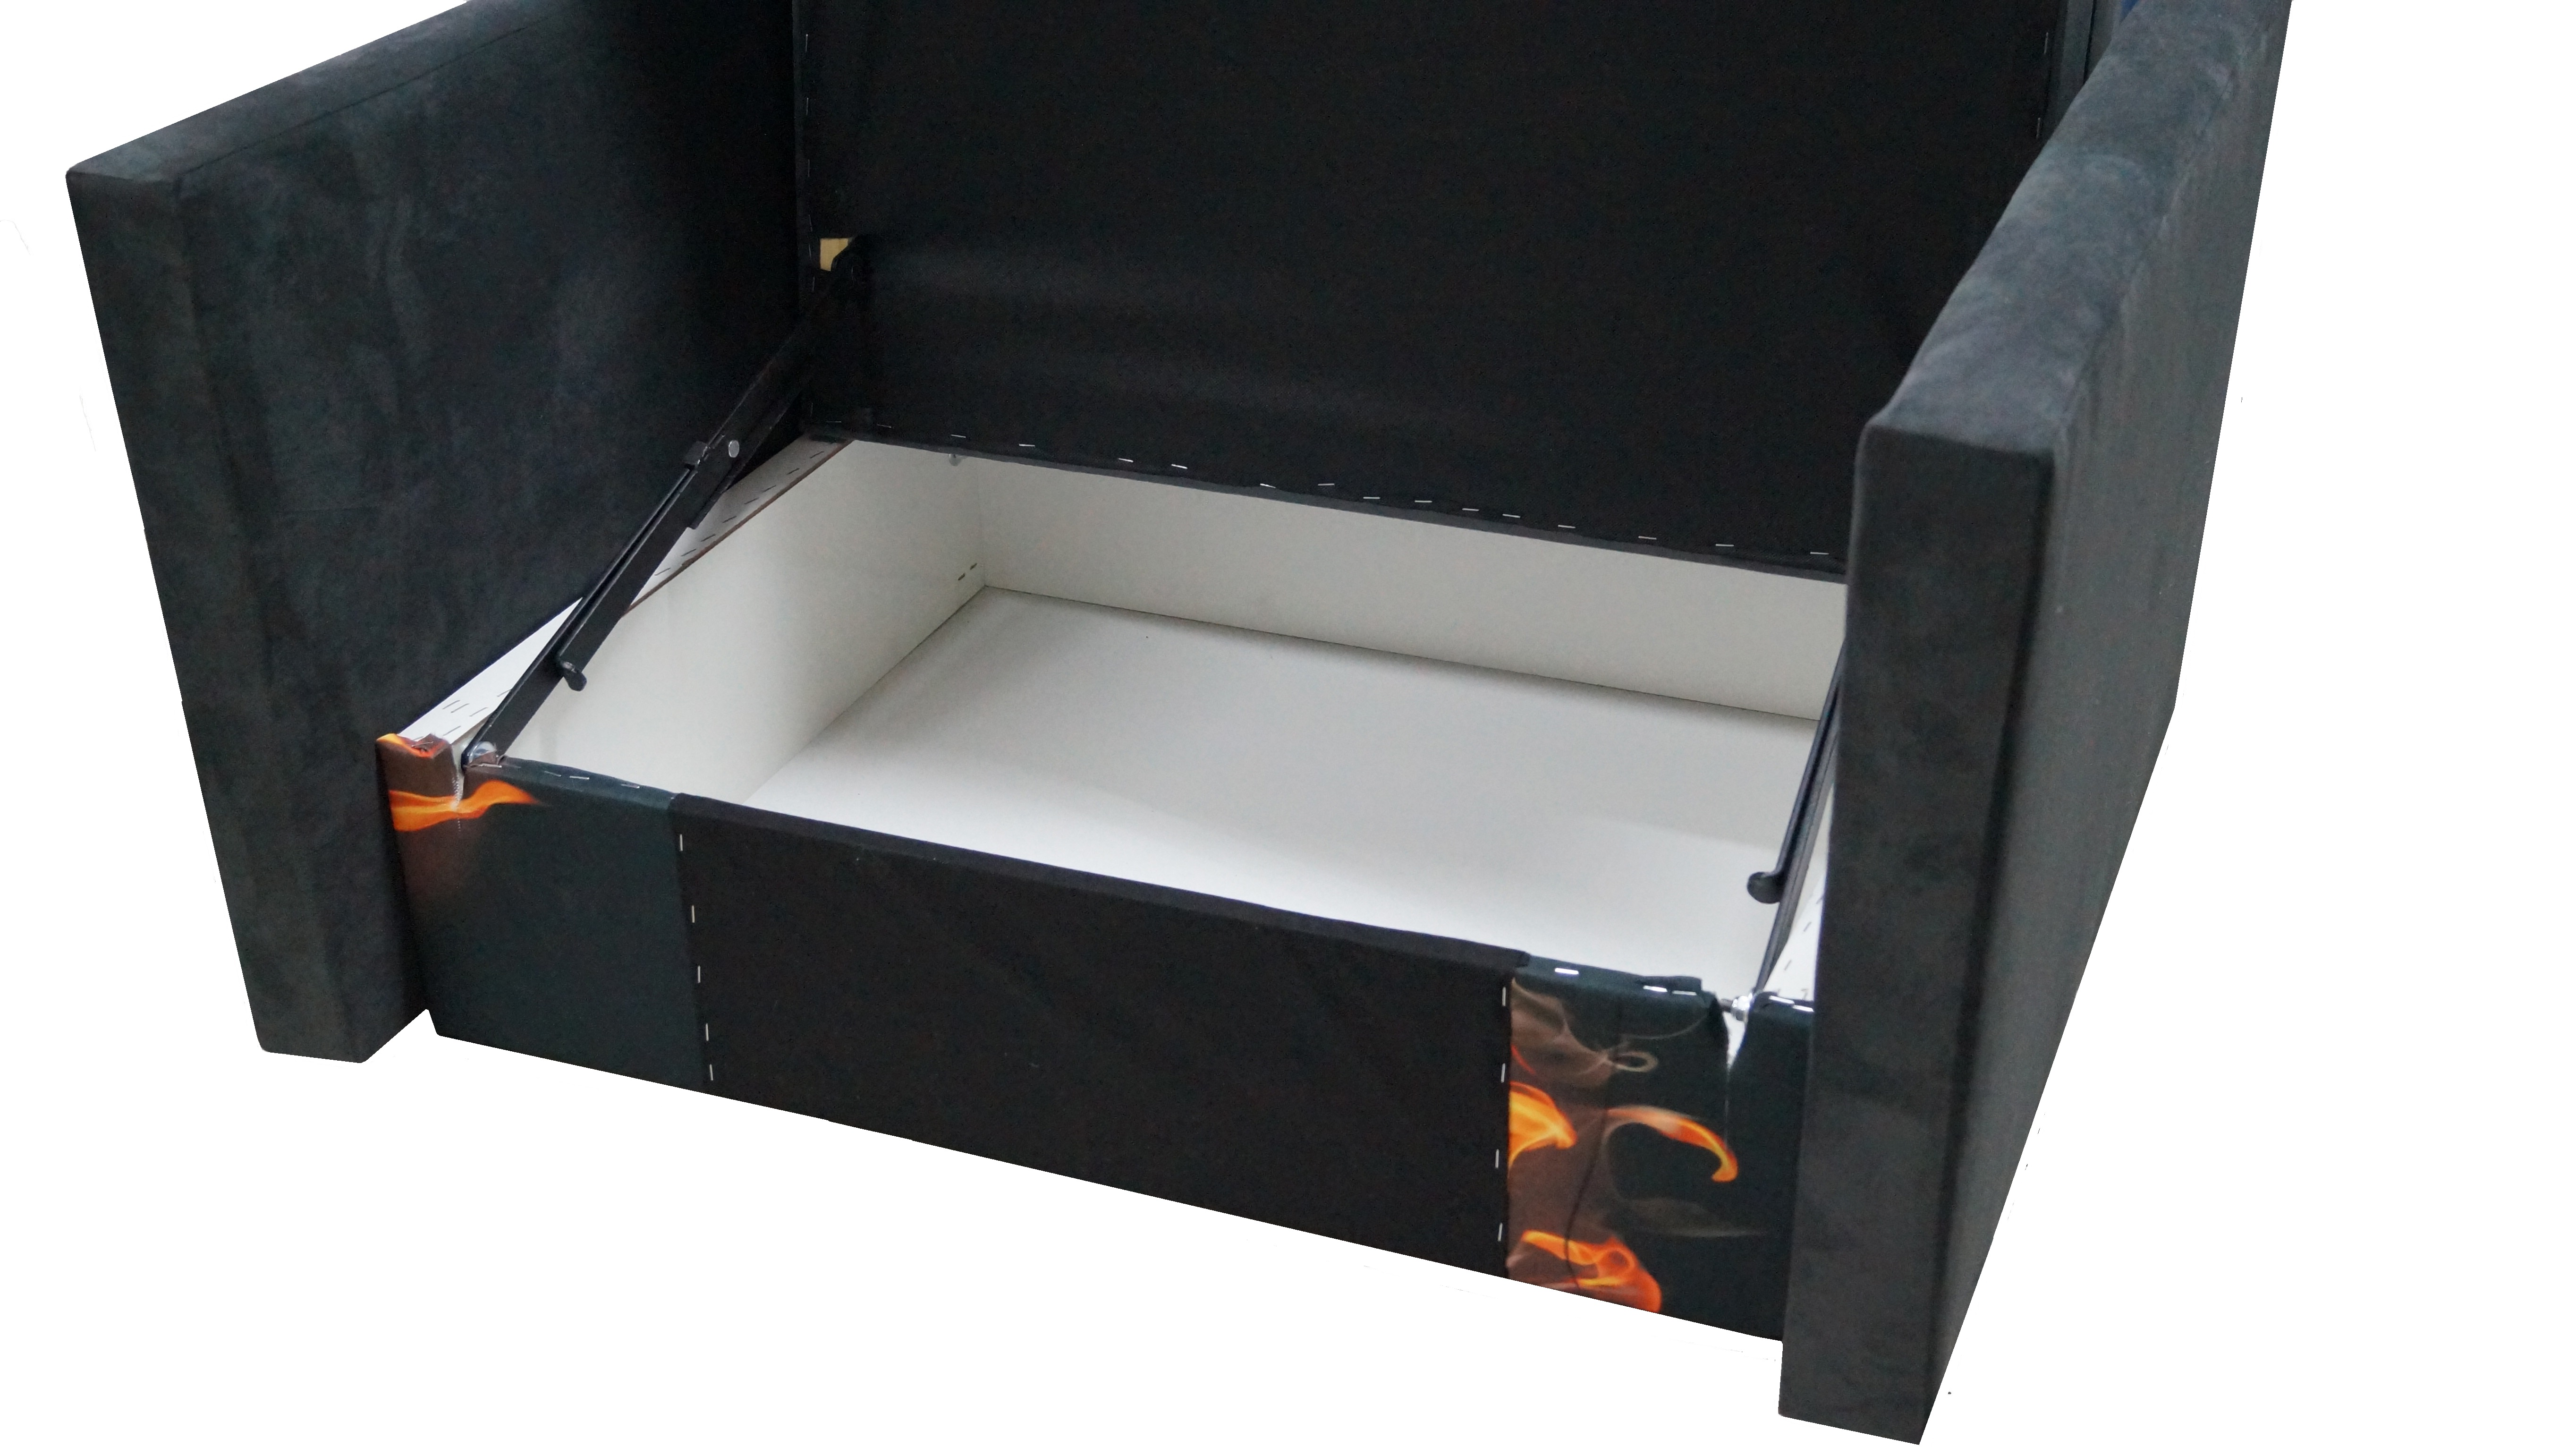 Jednoosobowa amerykanka sofa klocek motyw for Sofa jednoosobowa